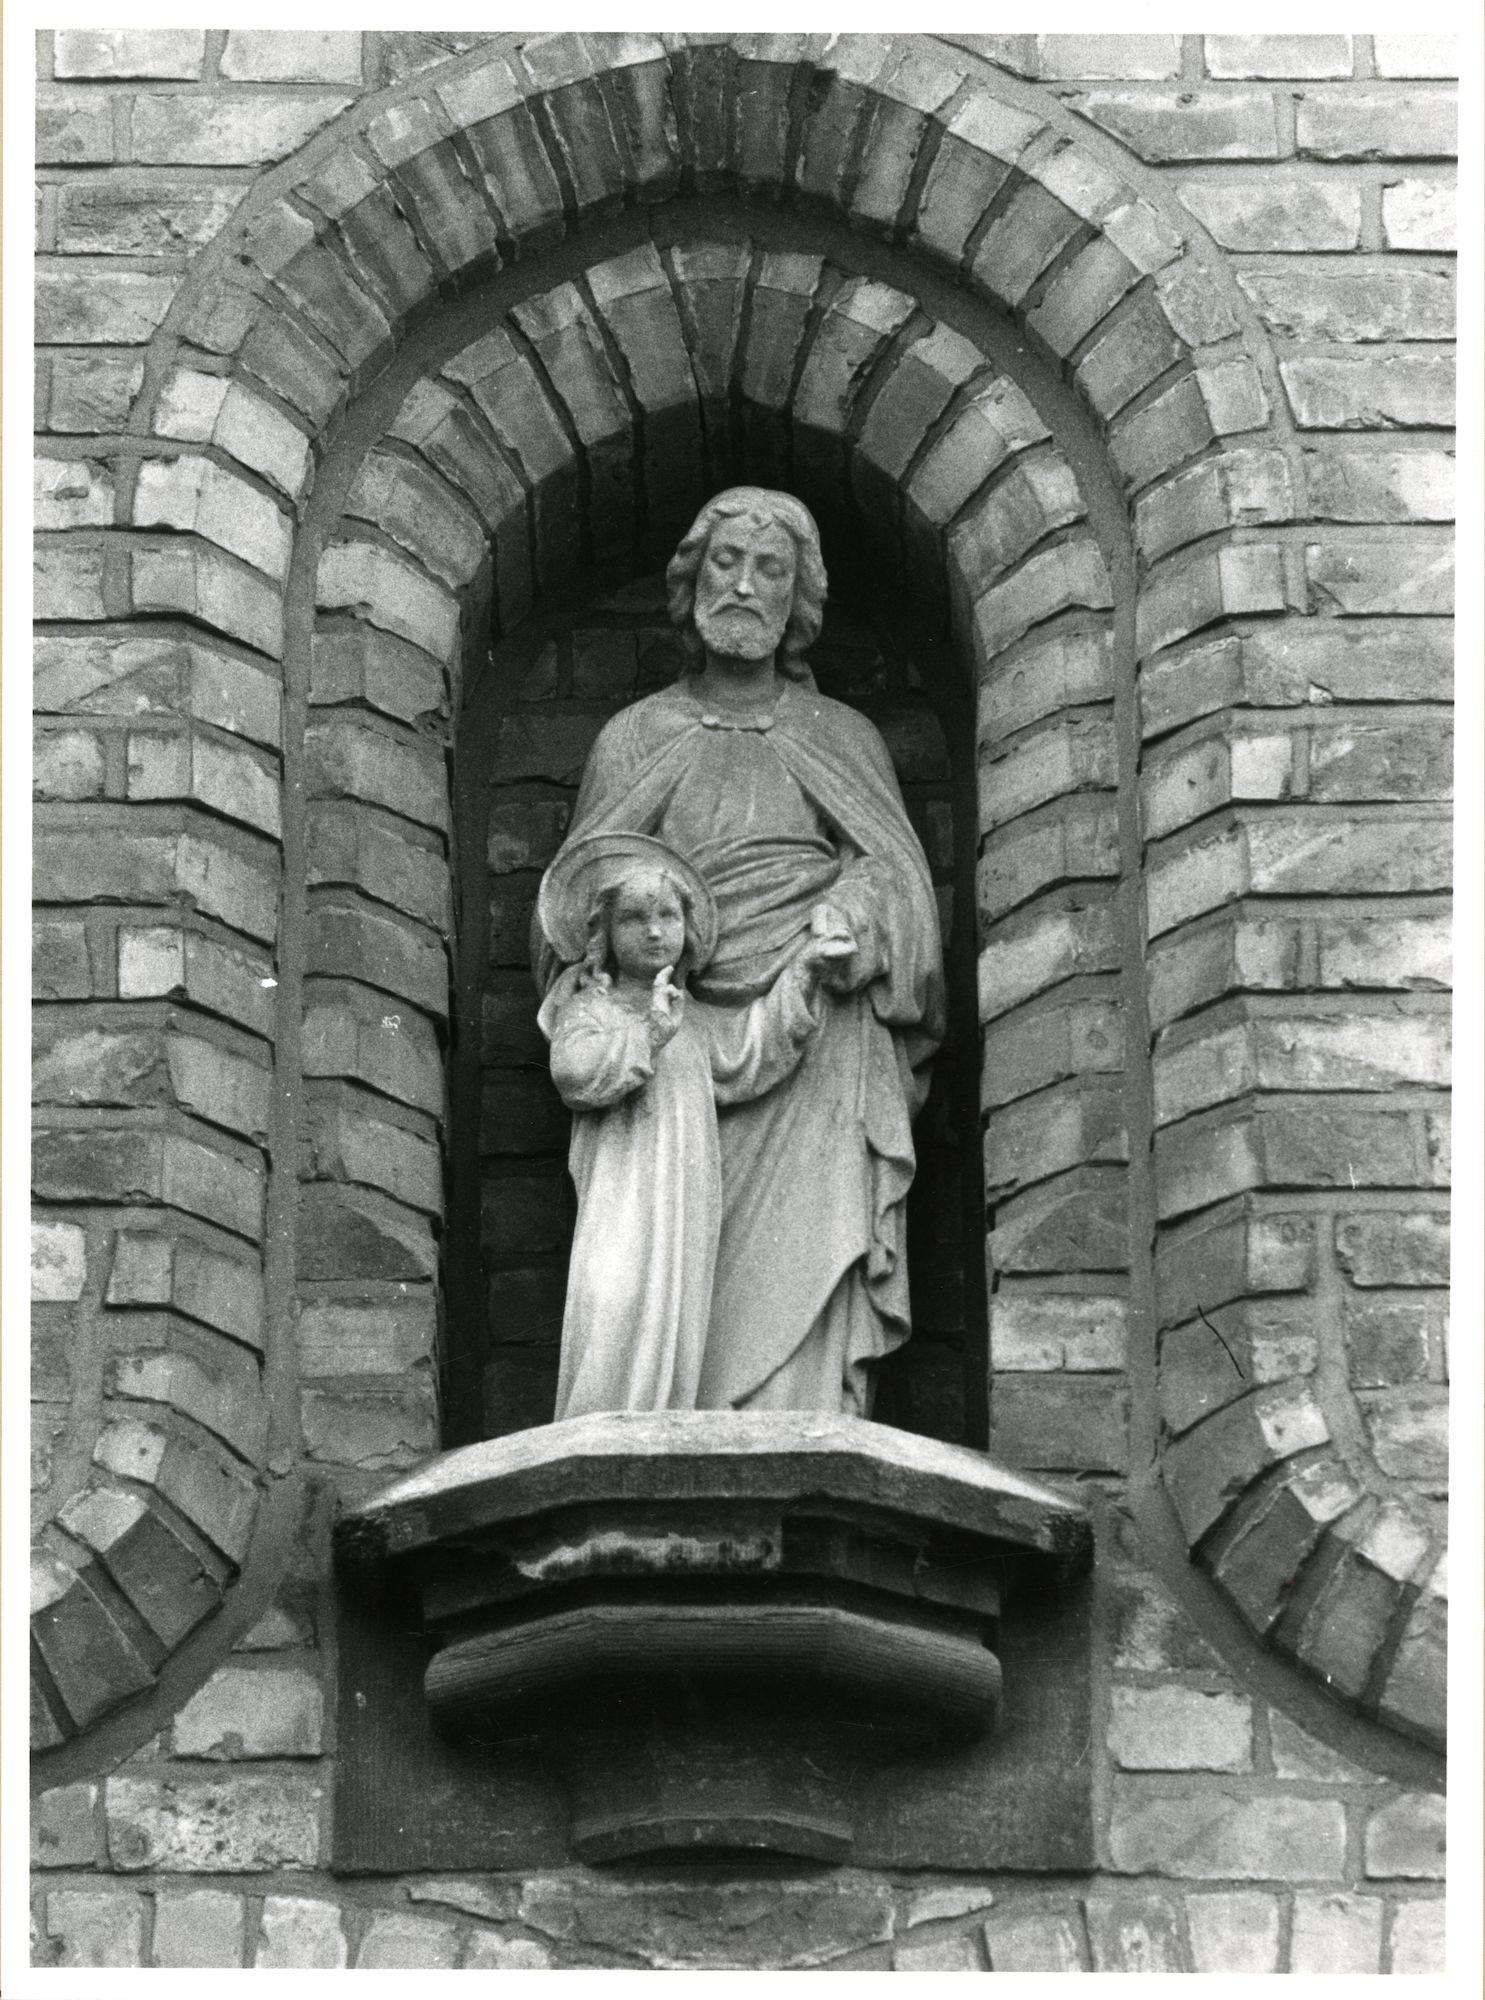 Gent: Benardstraat: Crombeeninstituut: nis met beeld: Heilige Jozef met kind Jezus